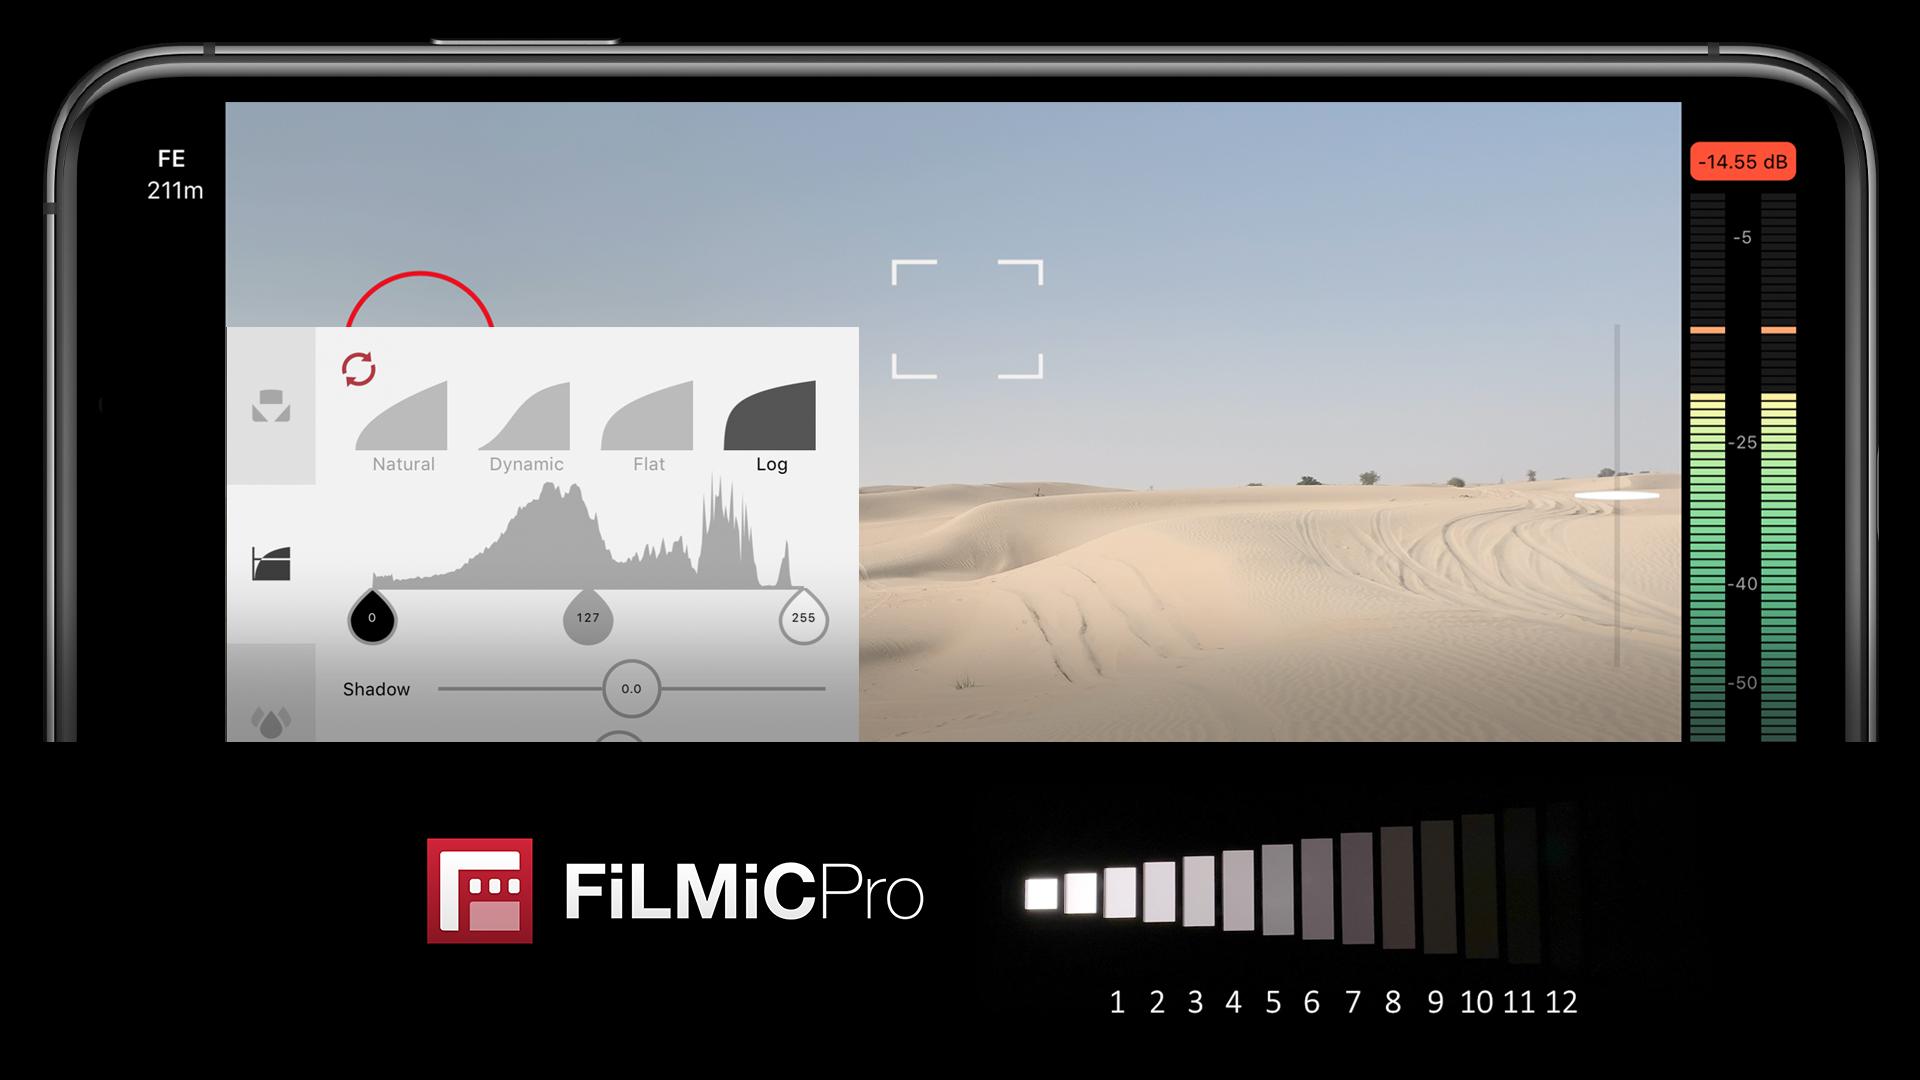 The Filmic Pro App shooting a desert scene